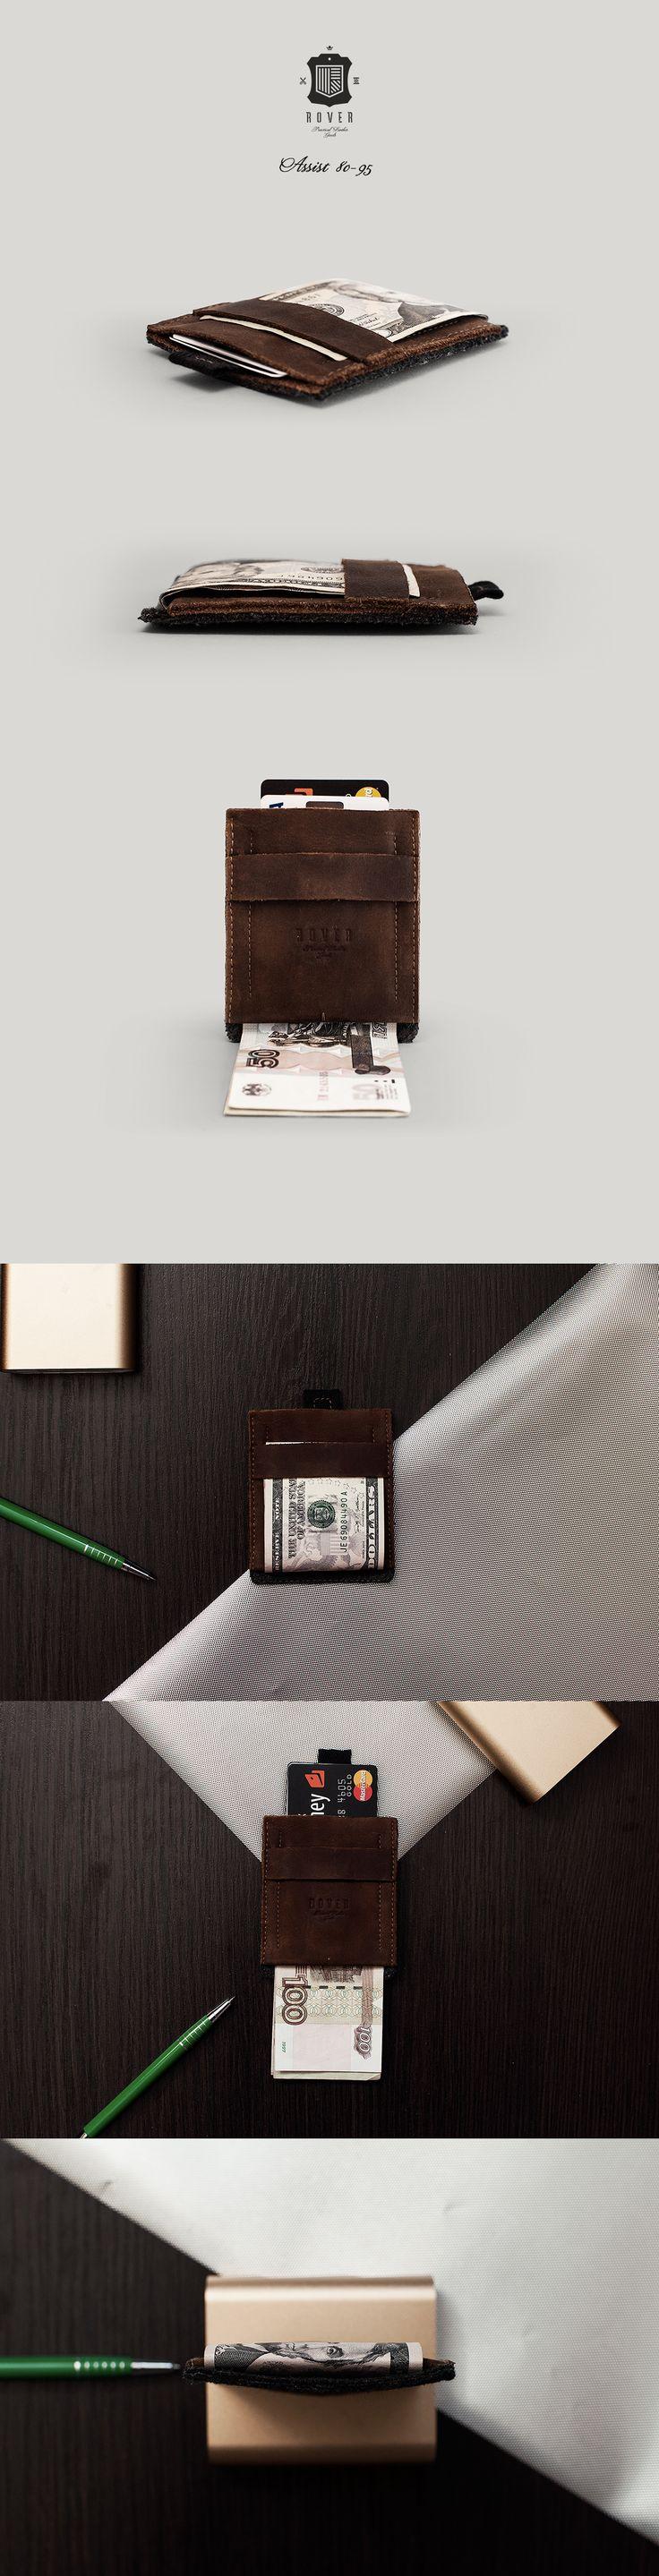 ROVER Assist 80-95 Cardholder & Wallet